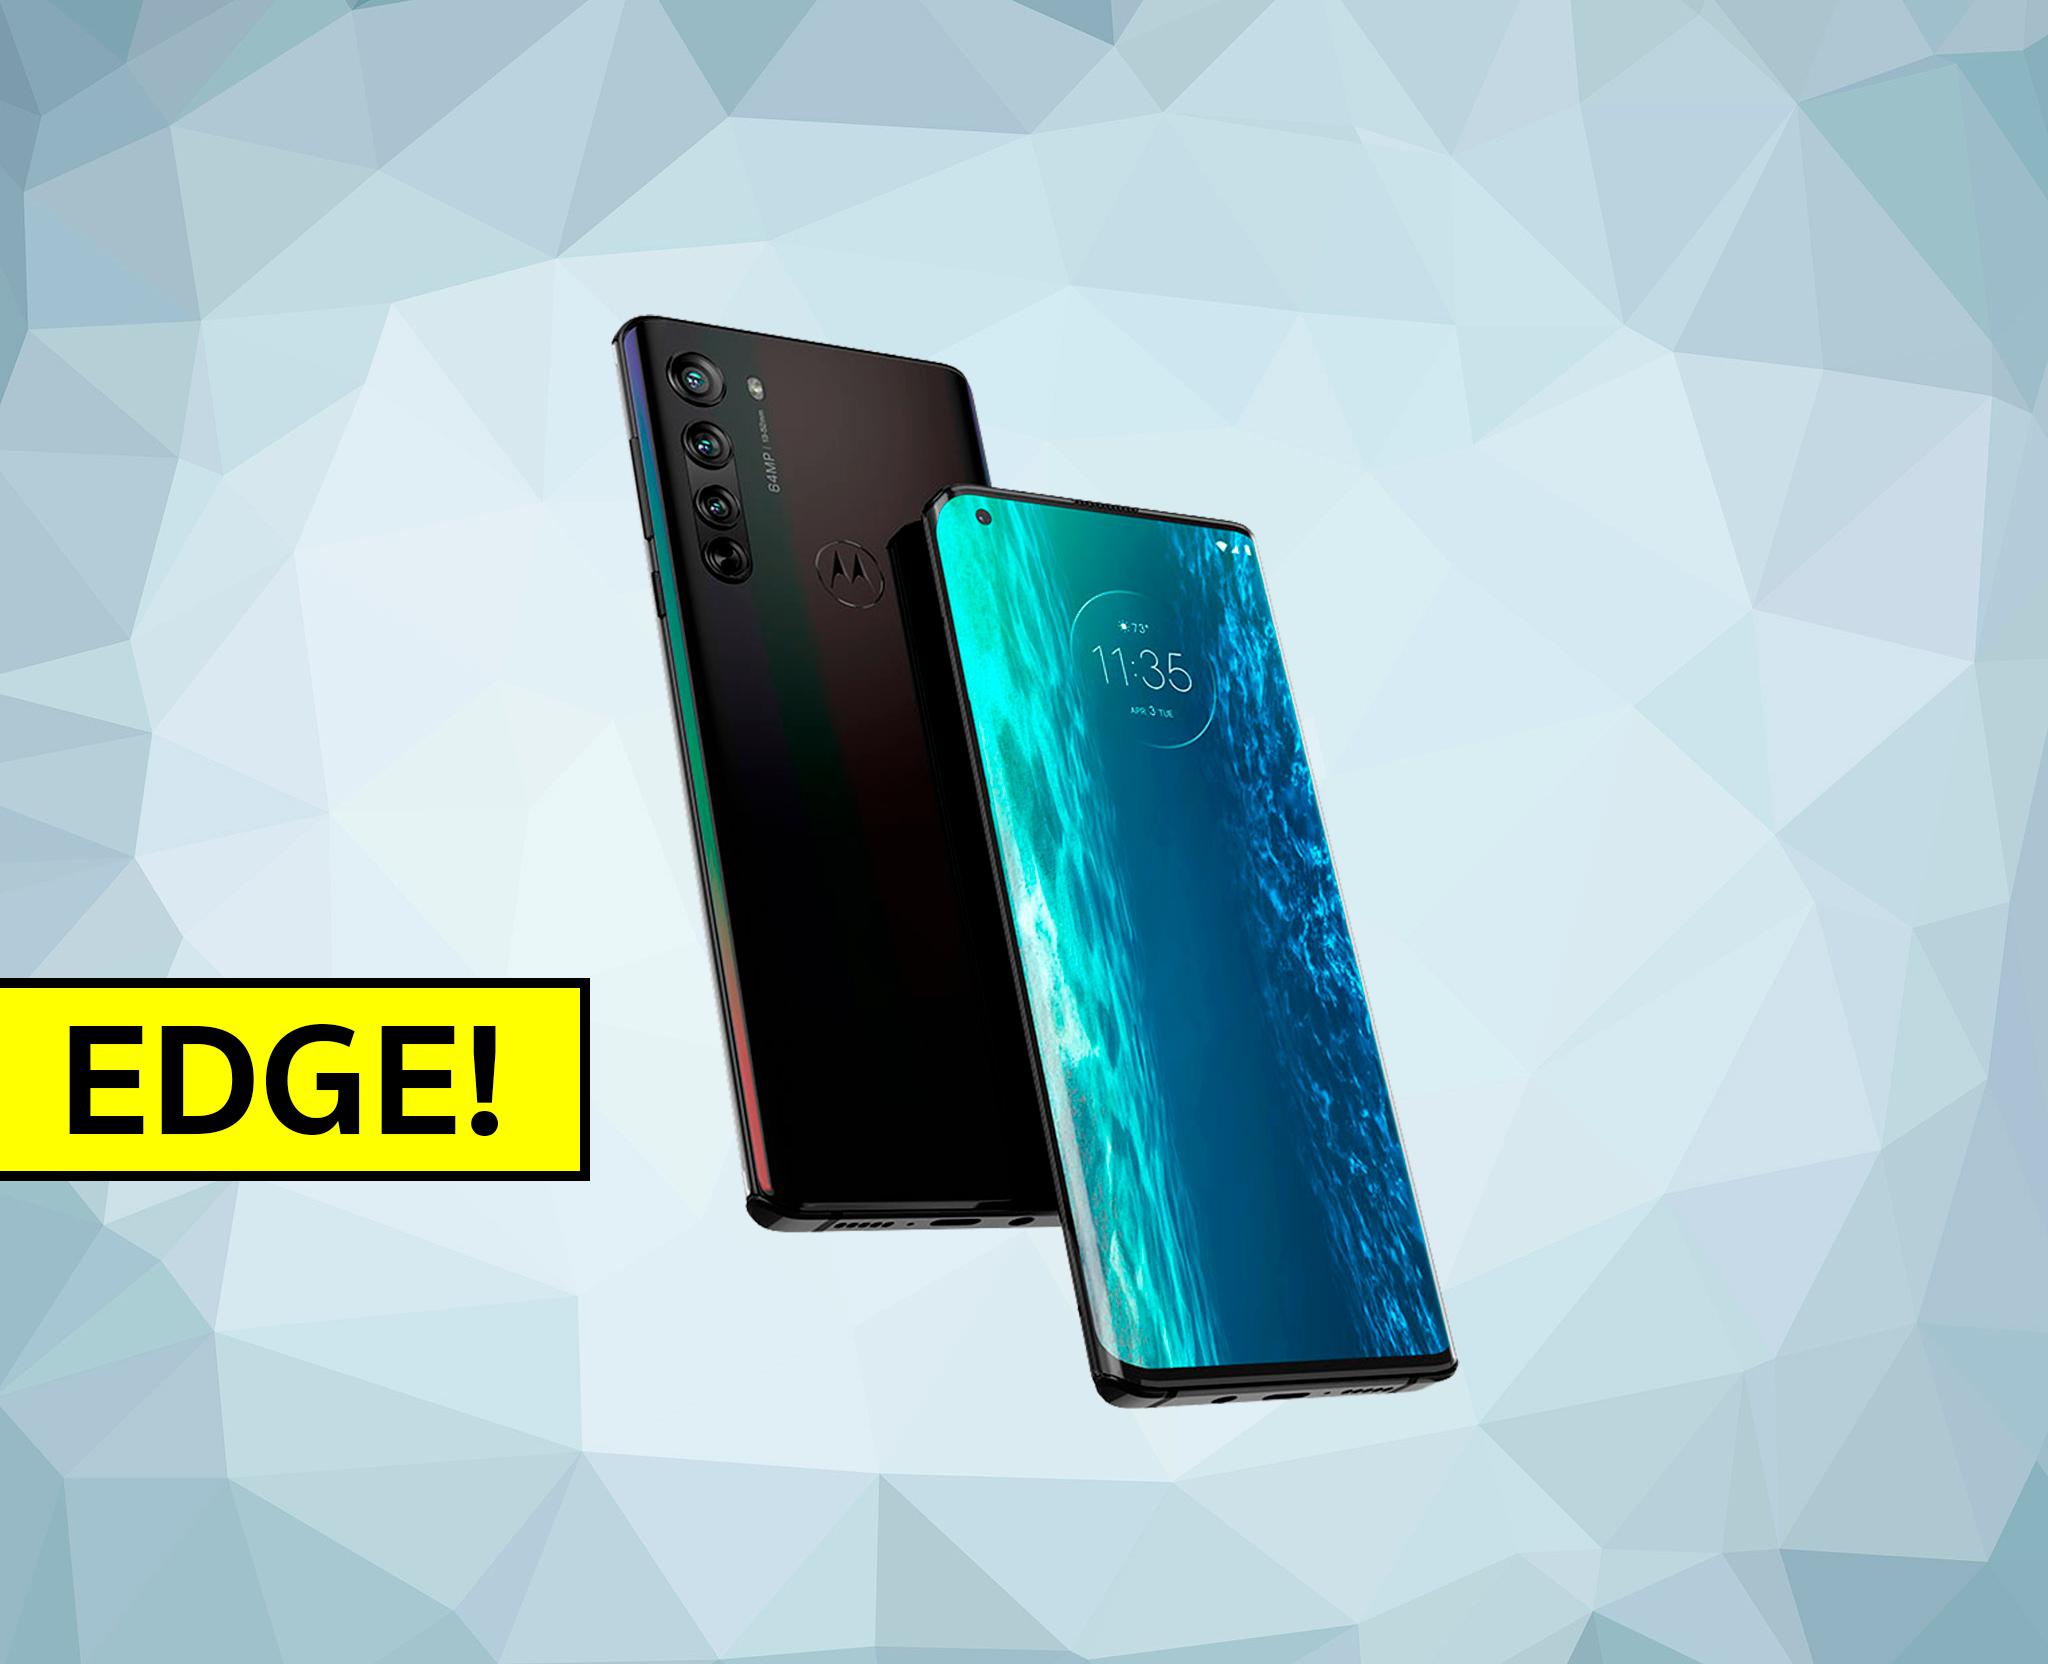 El Motorola Edge ya disponible: fecha de venta, precio y versiones